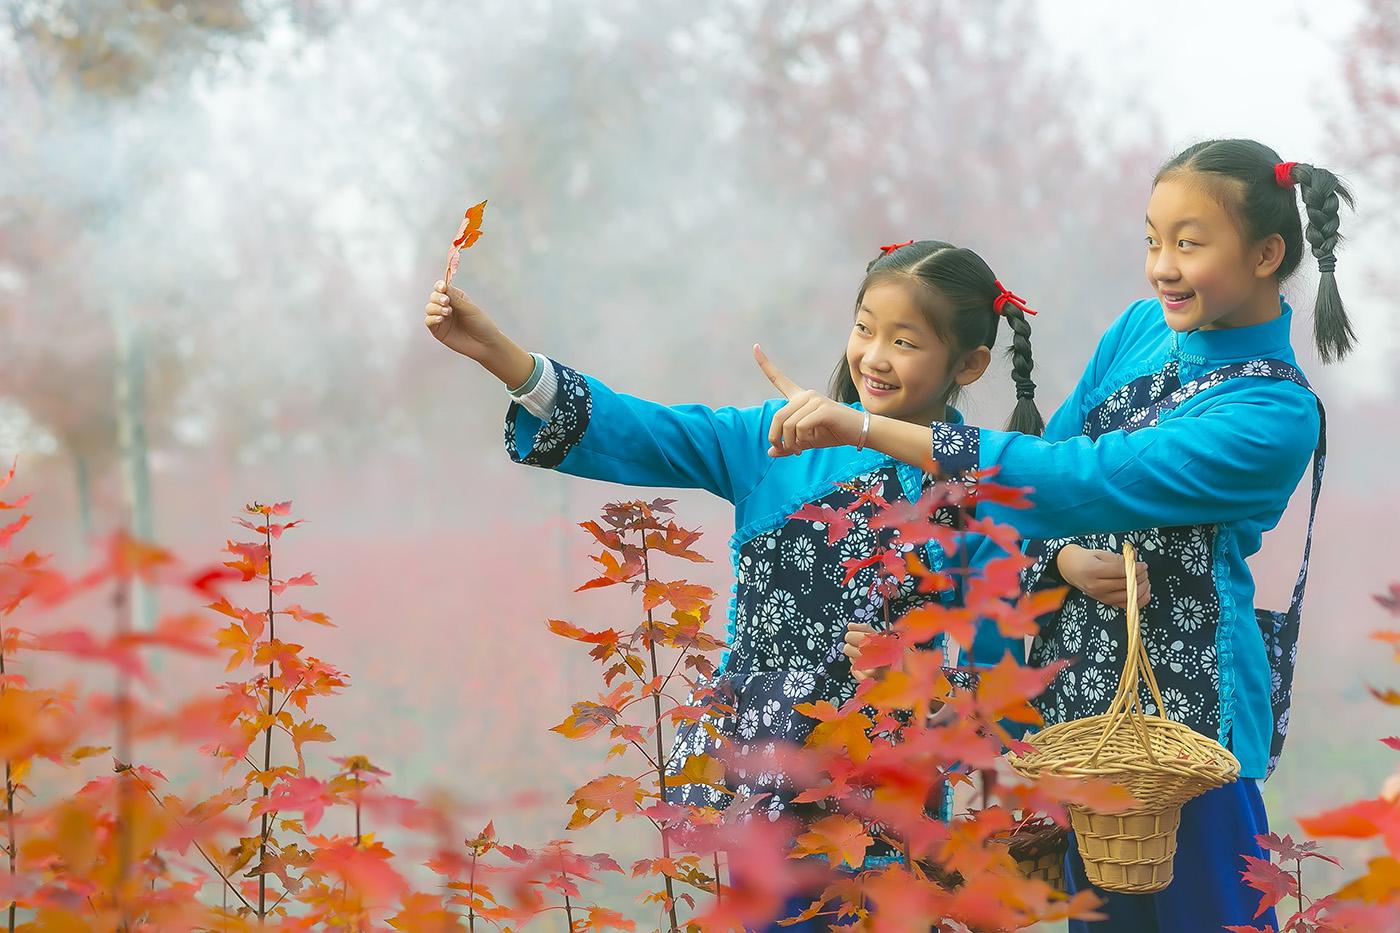 沂蒙山区竟然有这么一片童话般的树林 沂蒙小精灵火红的童年来袭 ..._图1-1